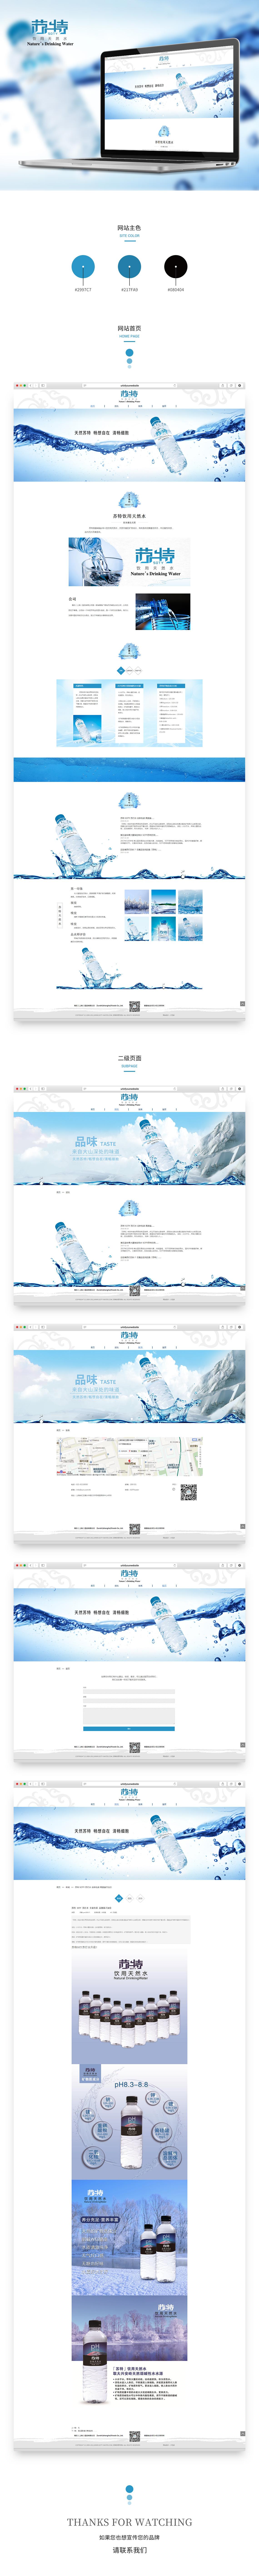 公司案例展示2018-16上海尊氏食品有限公司